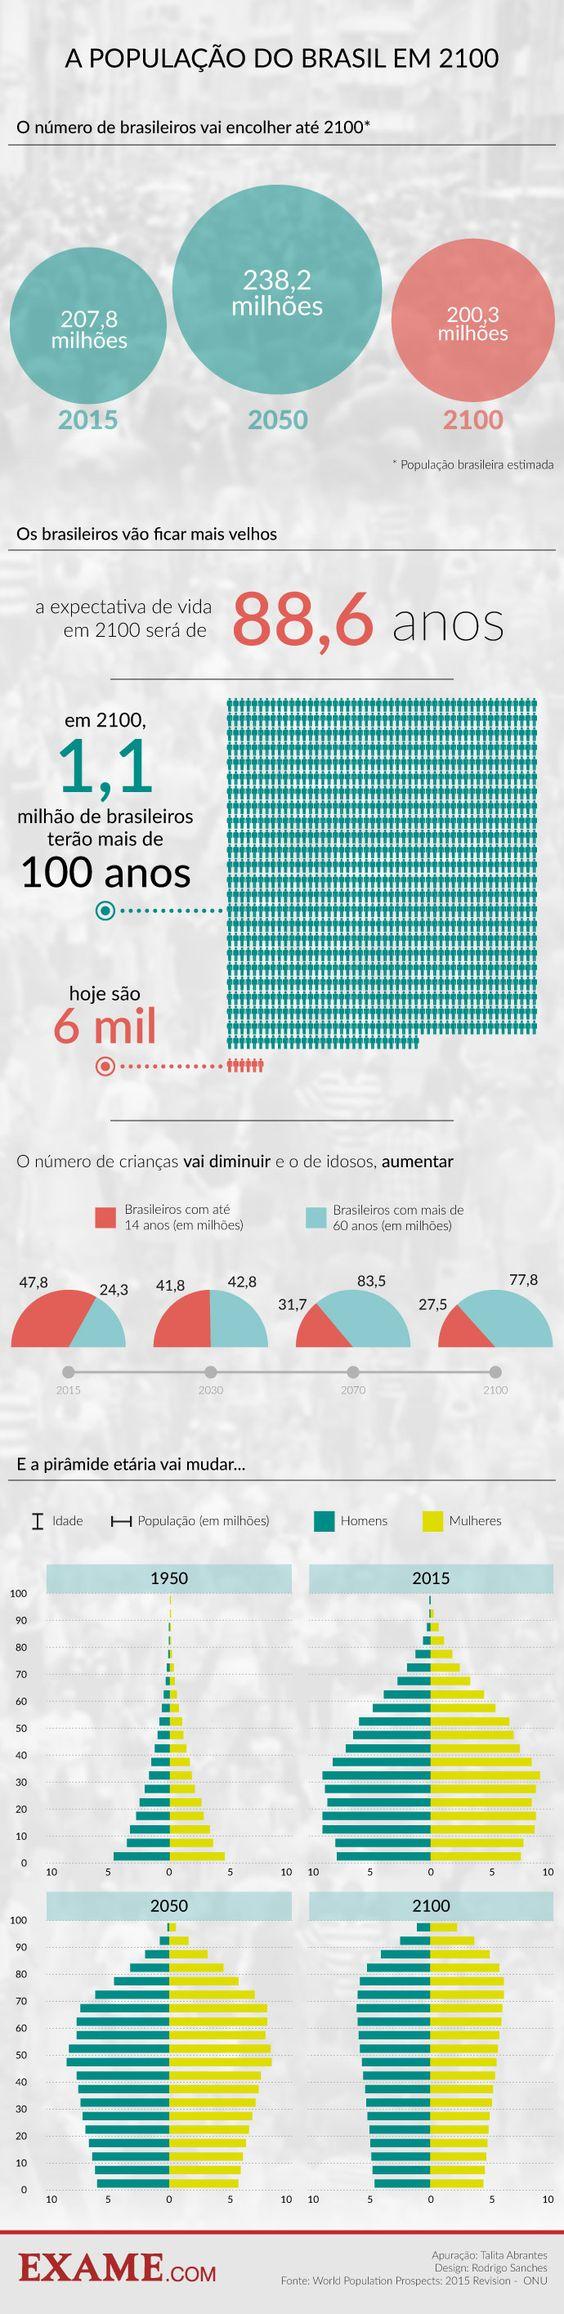 Como o perfil do brasileiro vai mudar nos próximos 85 anos | EXAME.com